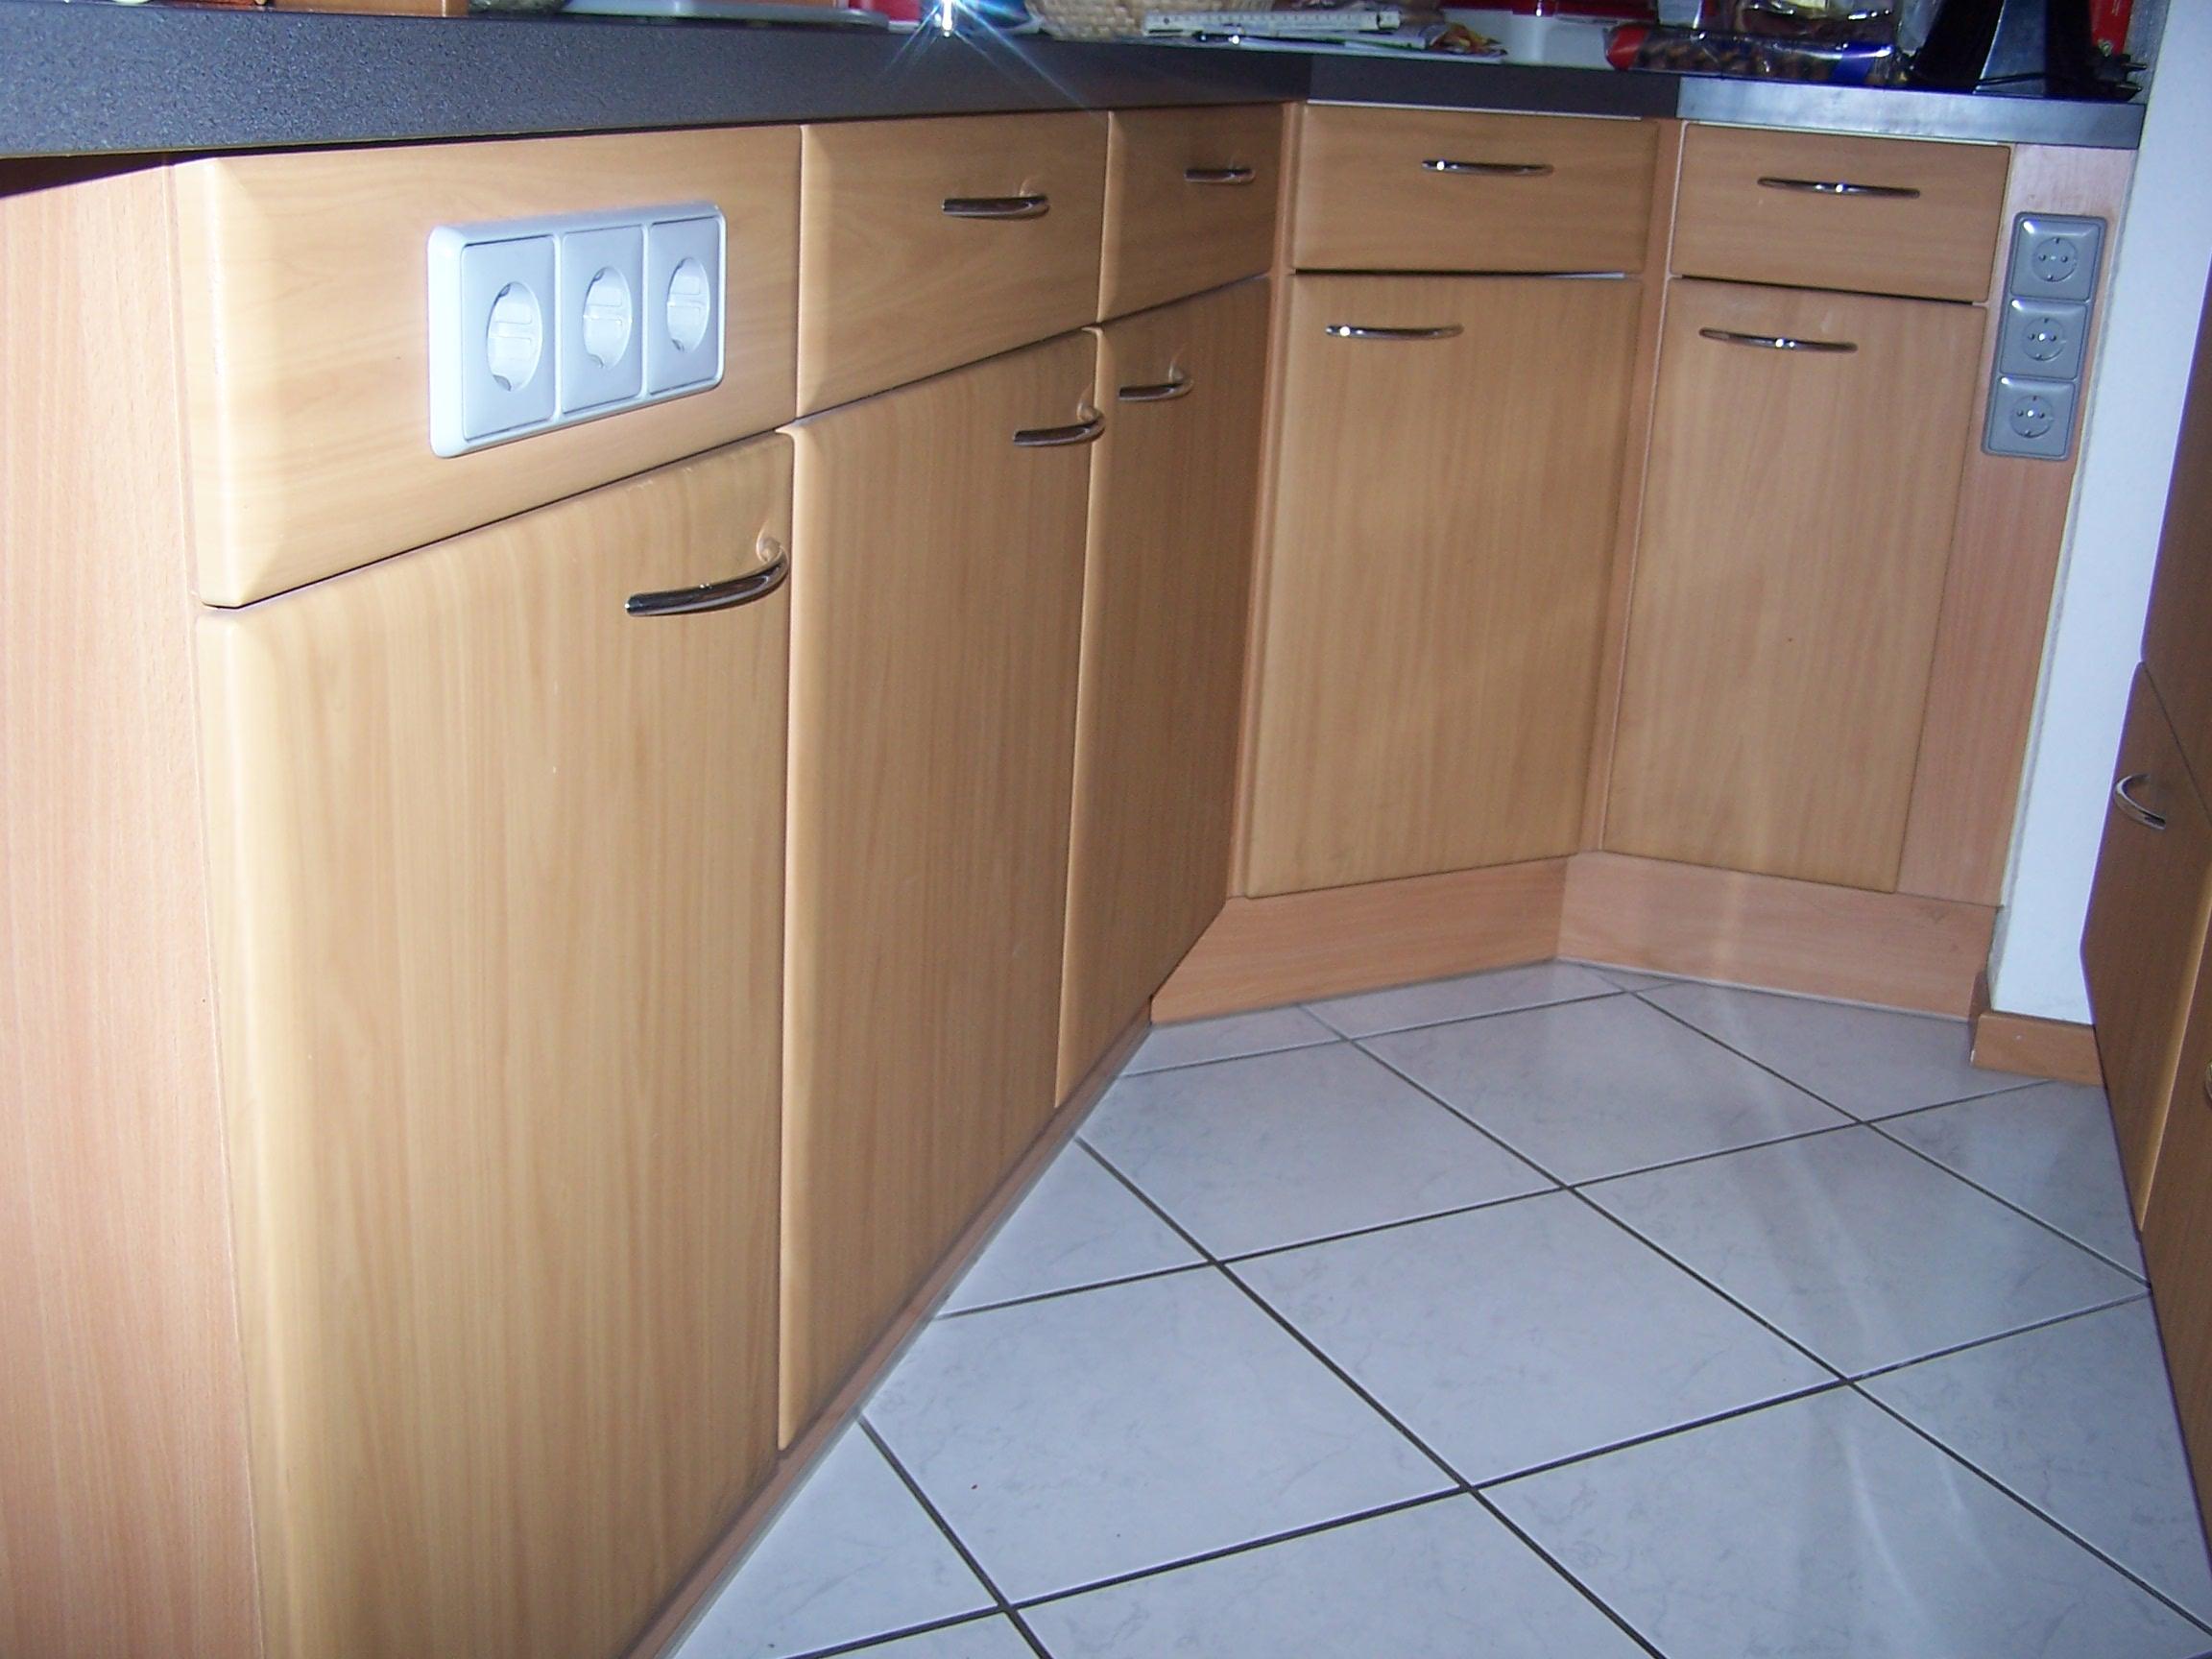 Niedlich Typisch Kosten Küchenschranktüren Ersetzen Bilder - Ideen ...